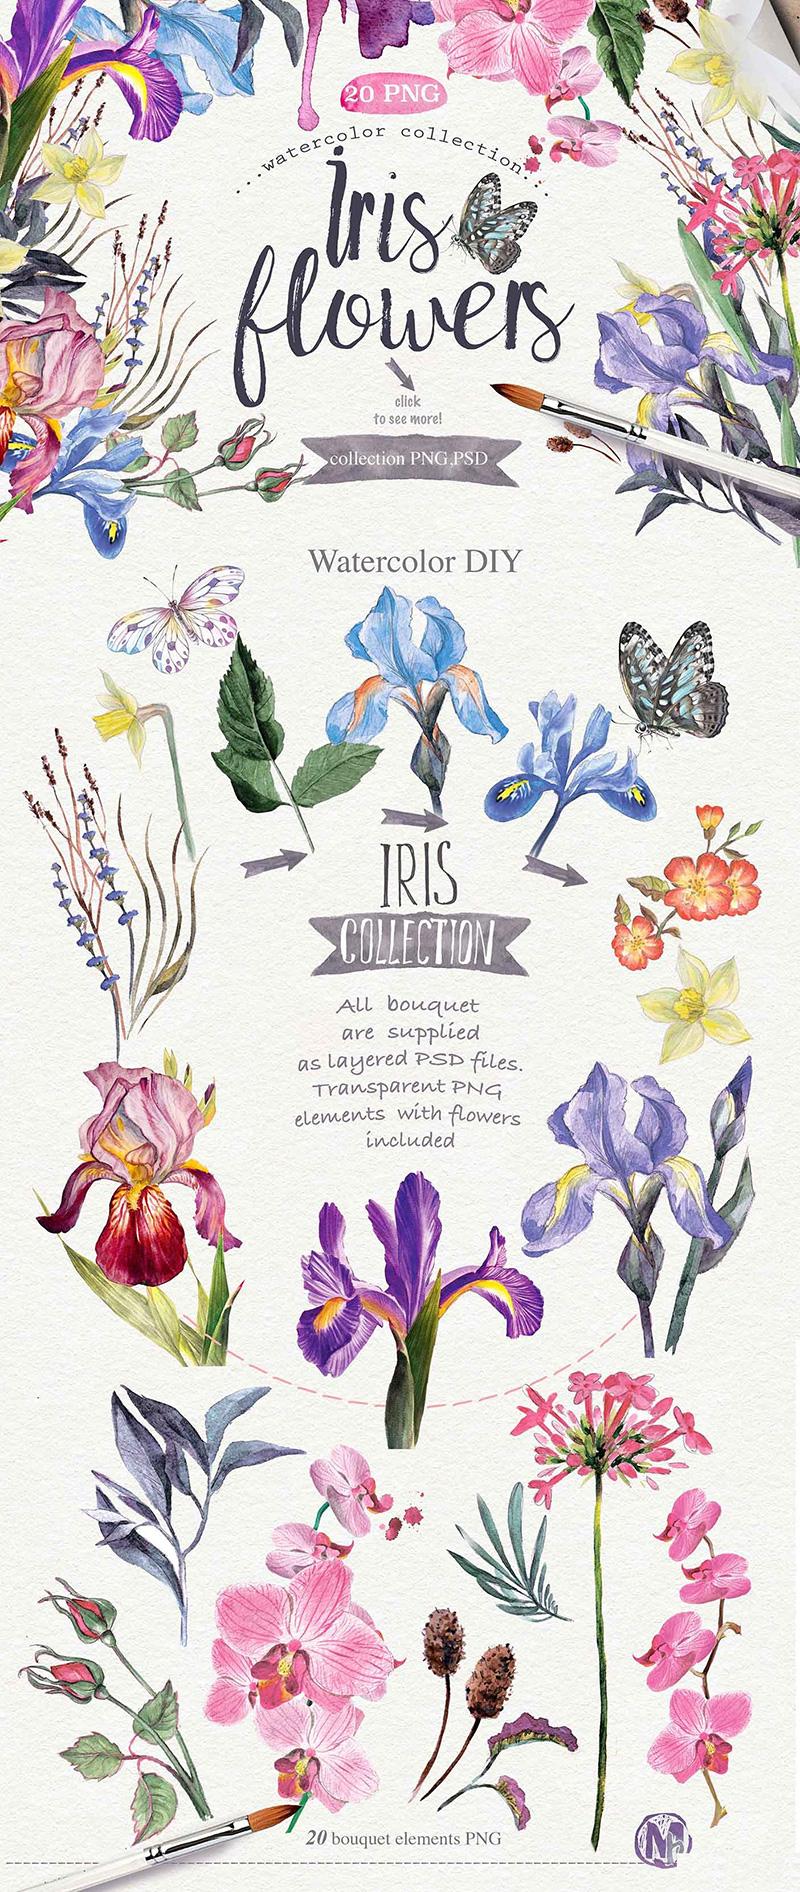 iris-flowers-o